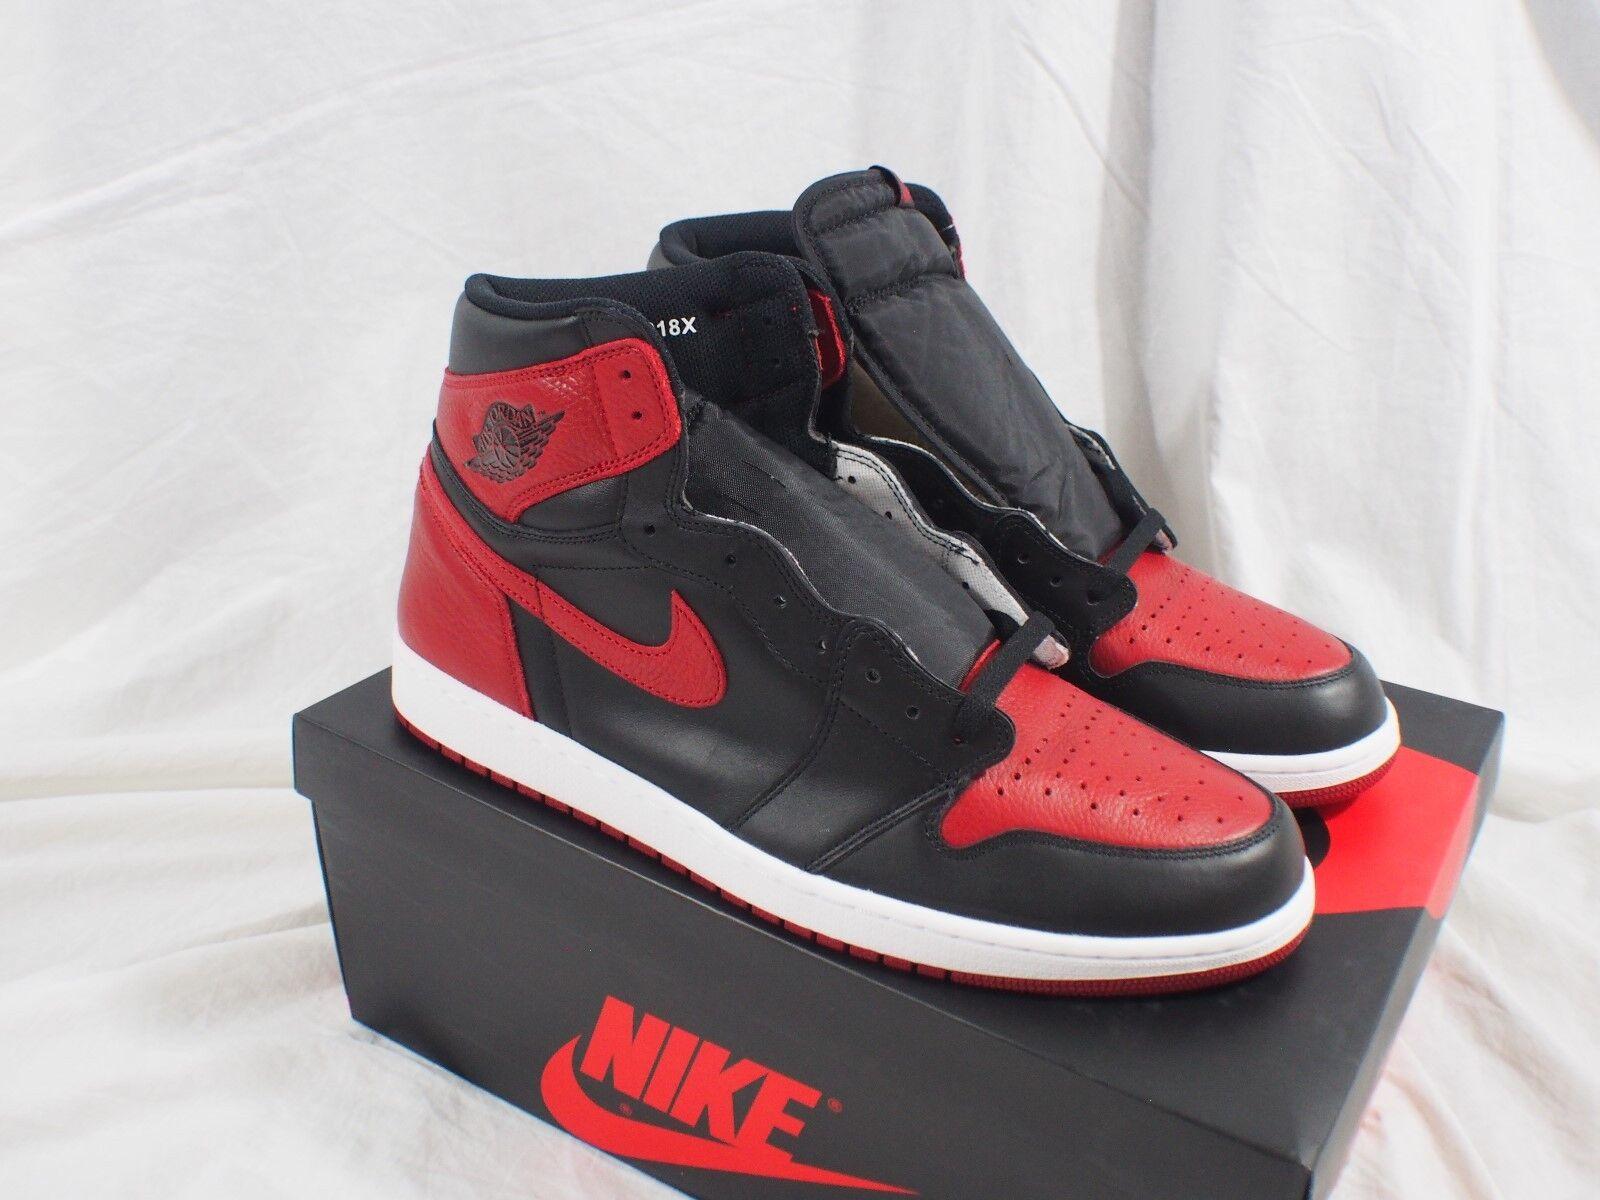 Nike Air Jordan 1 retro material High og prohibido material retro c34534